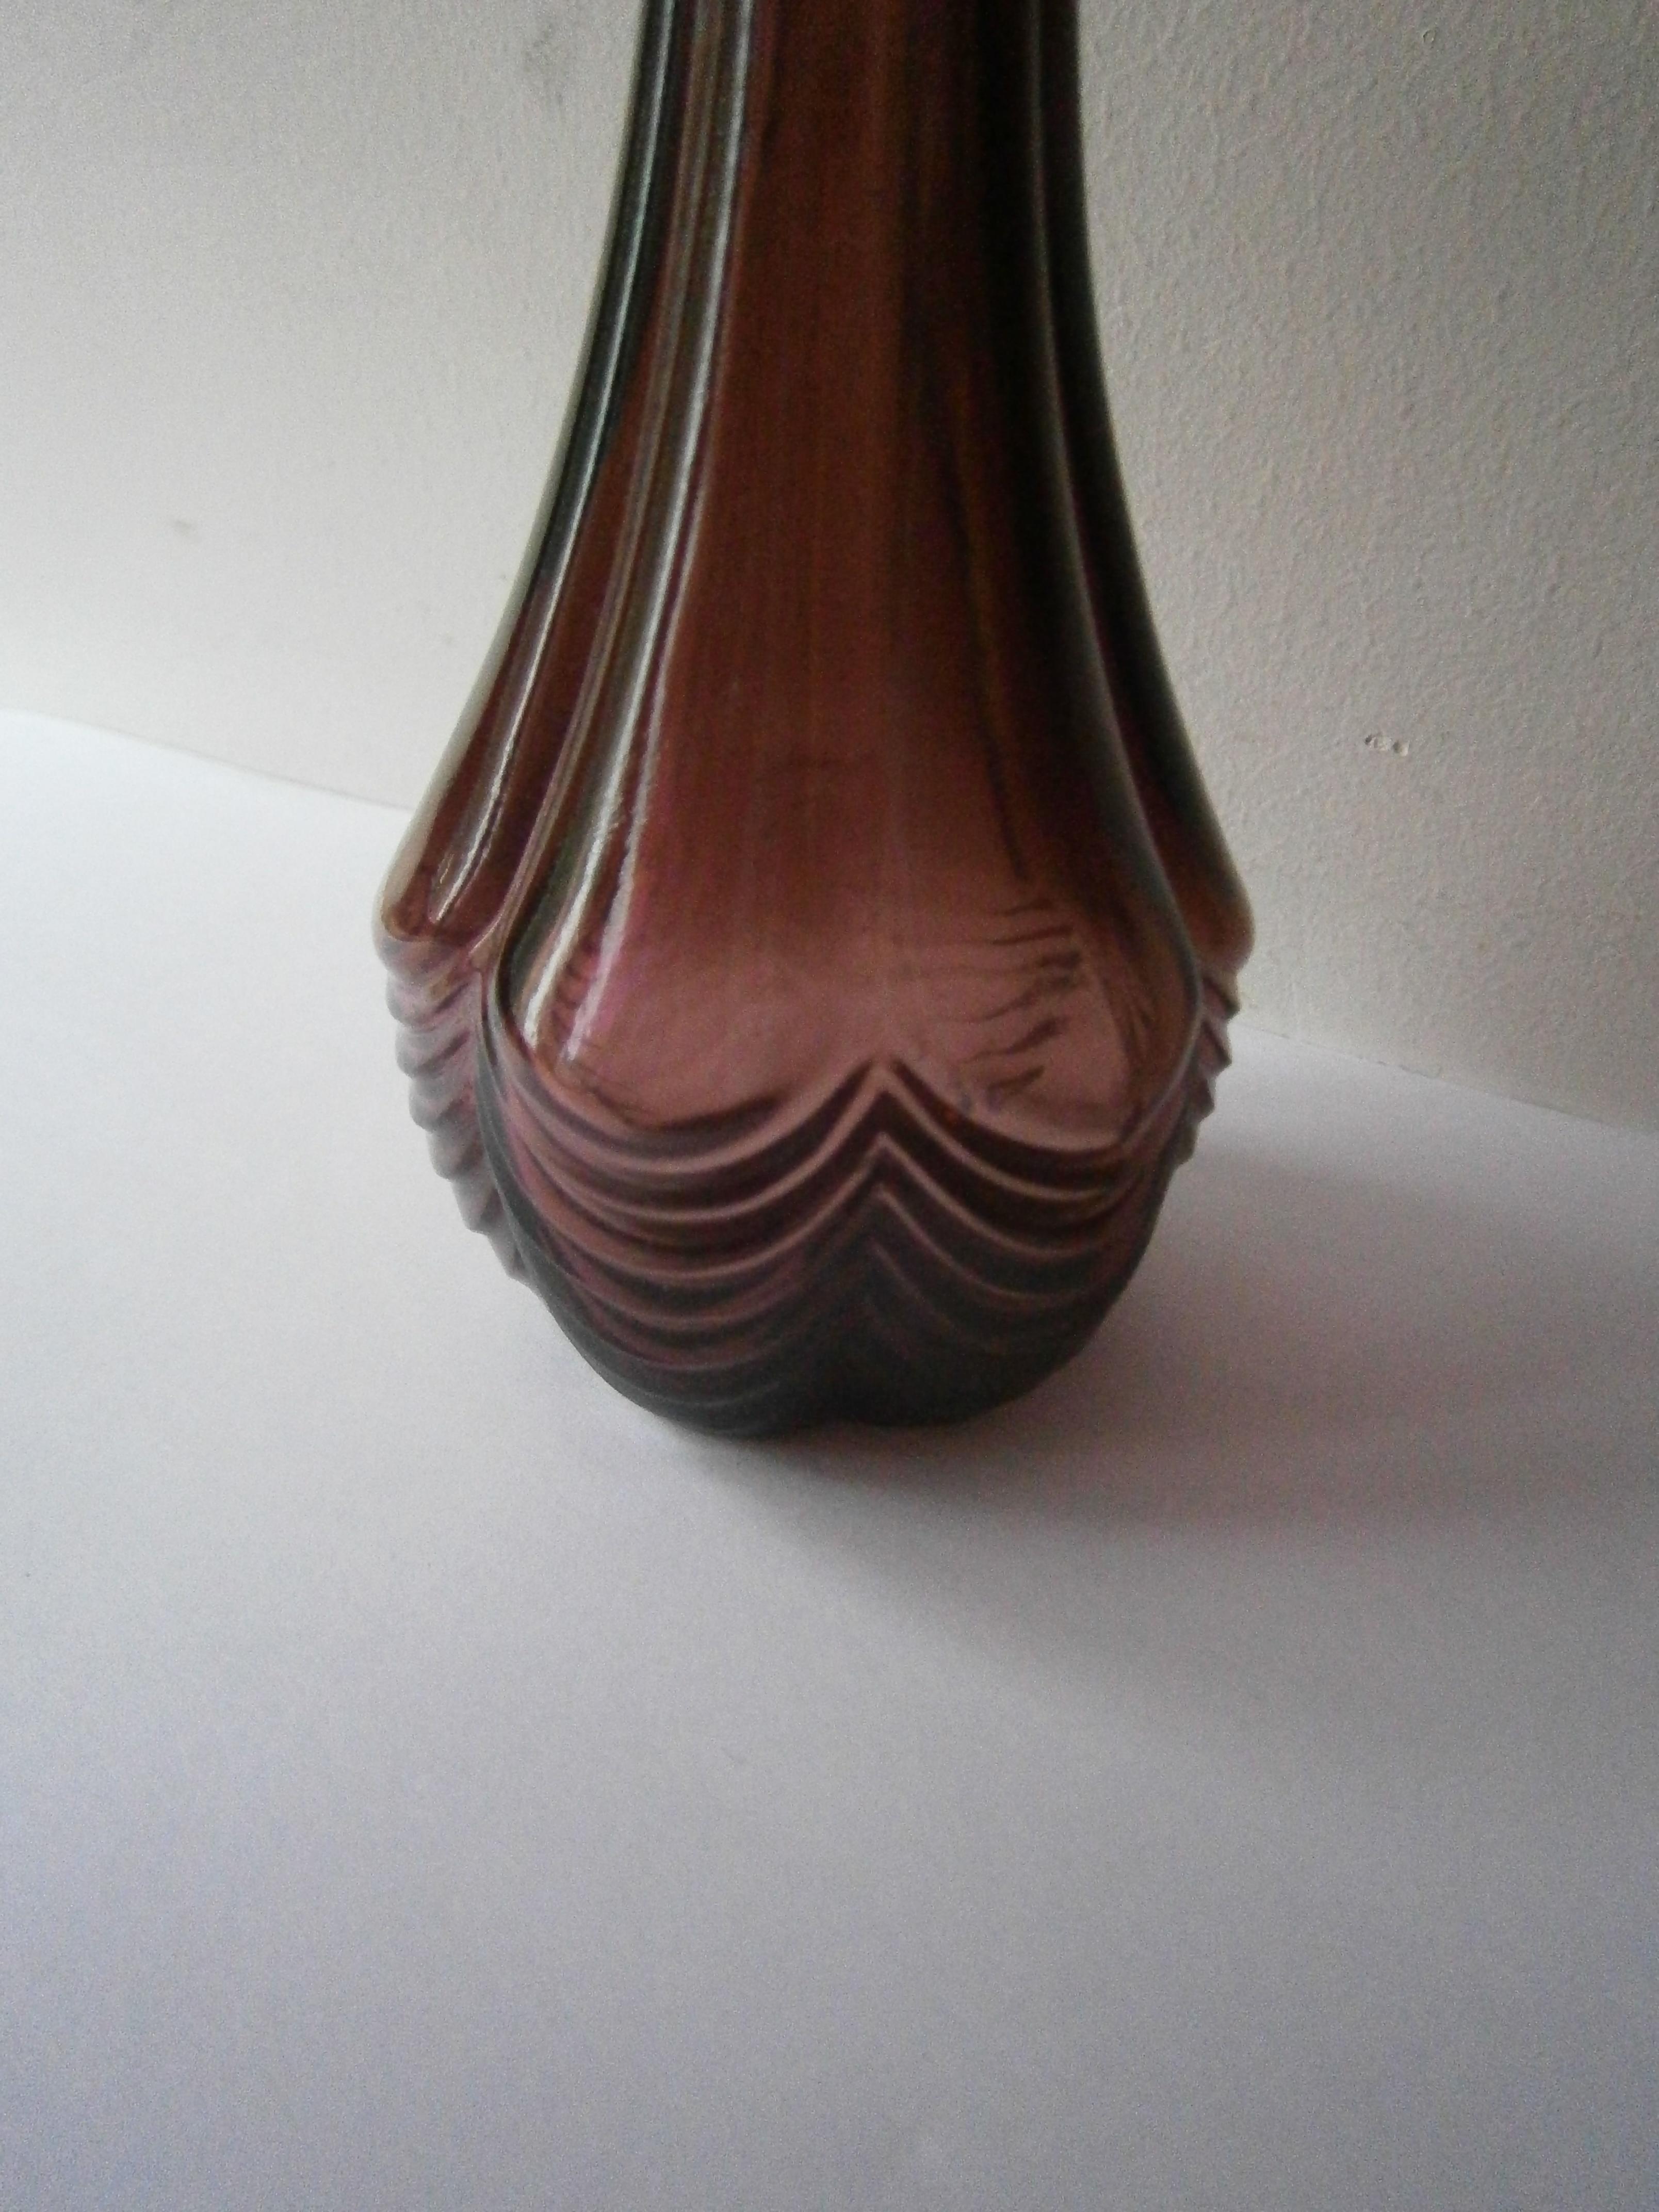 troc de troc petit vase vintage image 1